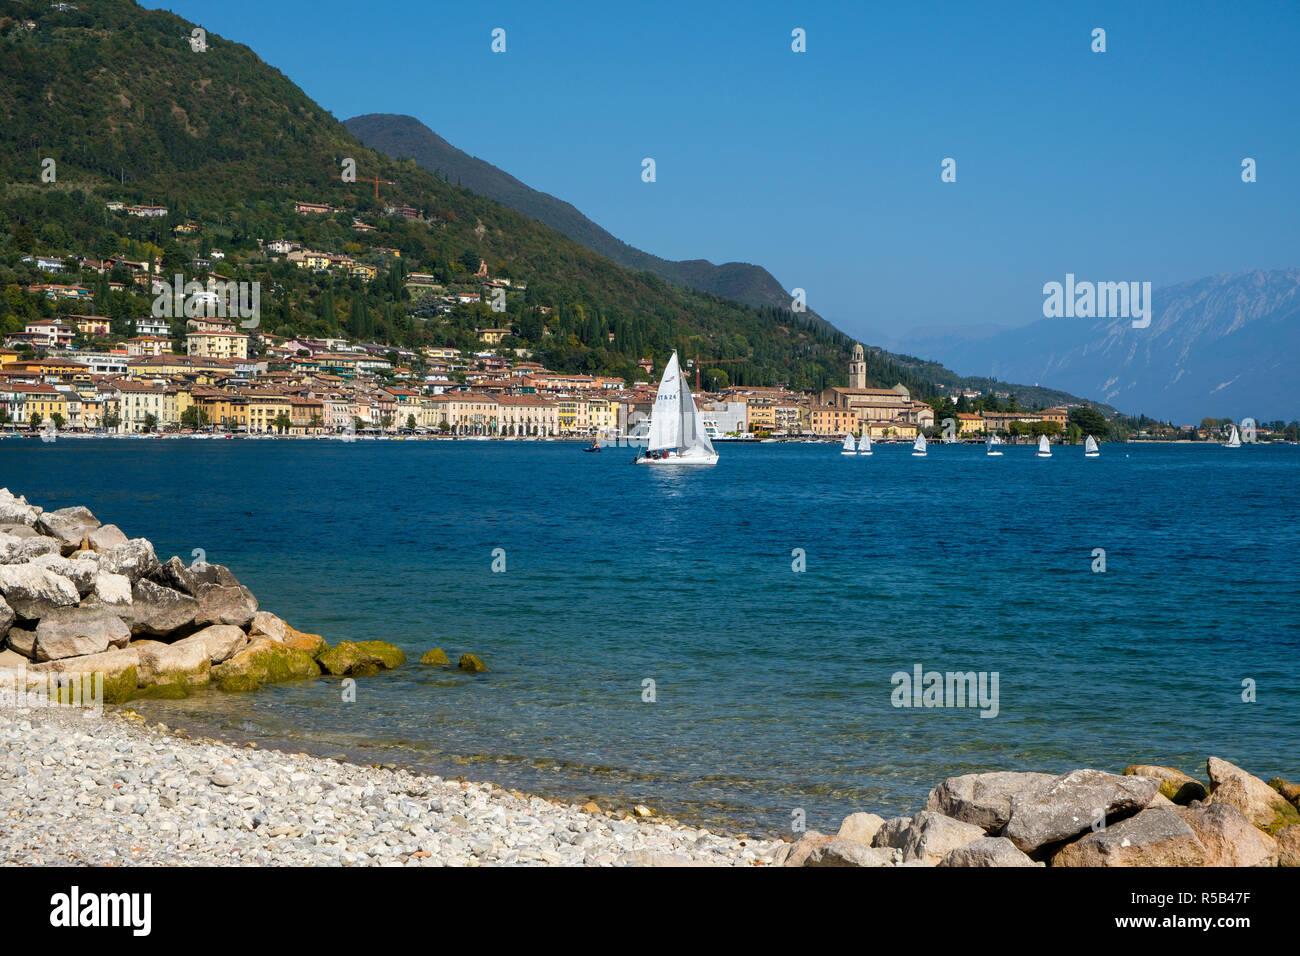 Salò Lago di Garda, provincia di Brescia, Lombardia, Italia Foto Stock